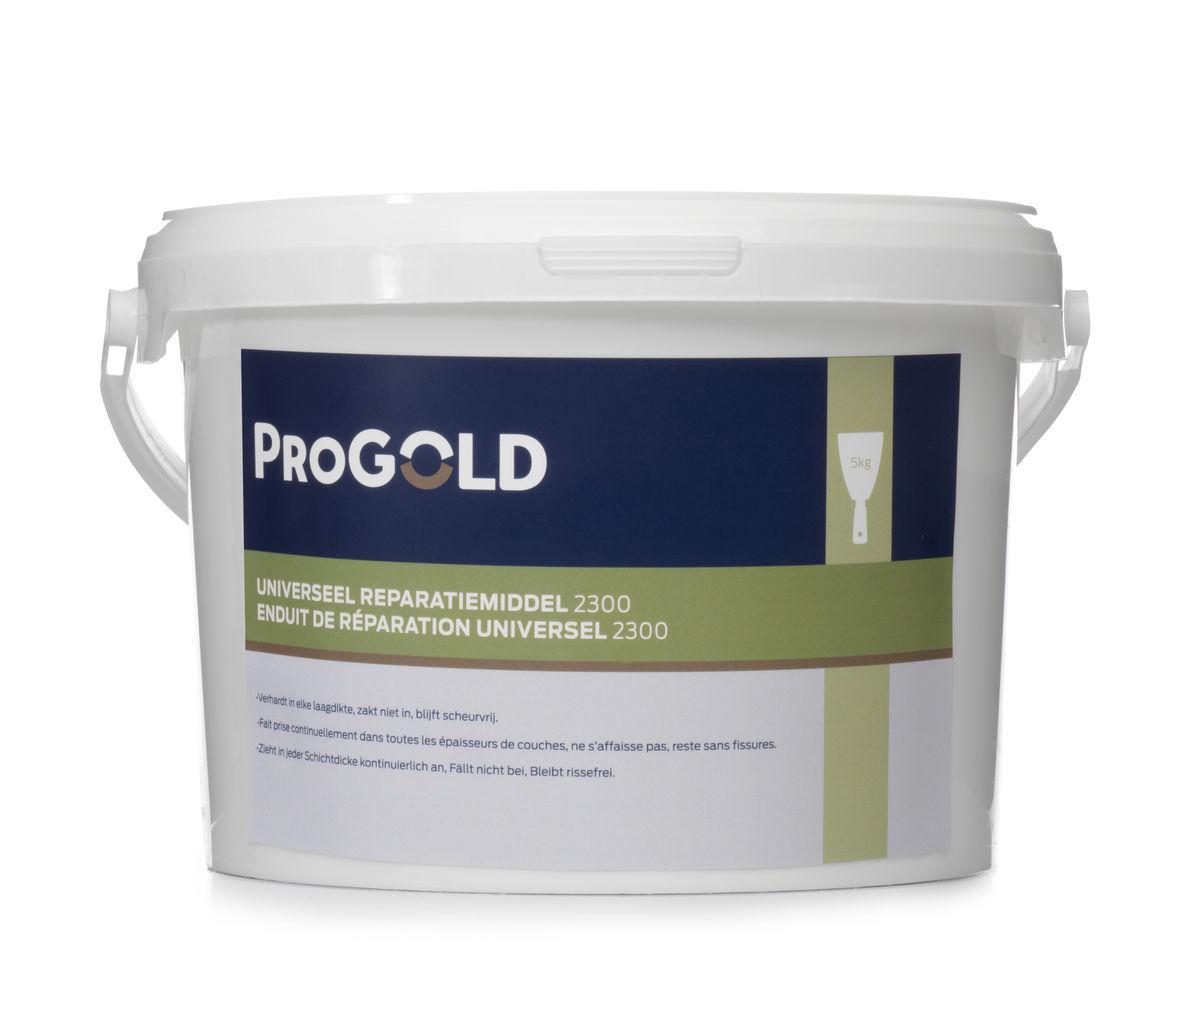 ProGold 2300 Universeel Reparatiemiddel